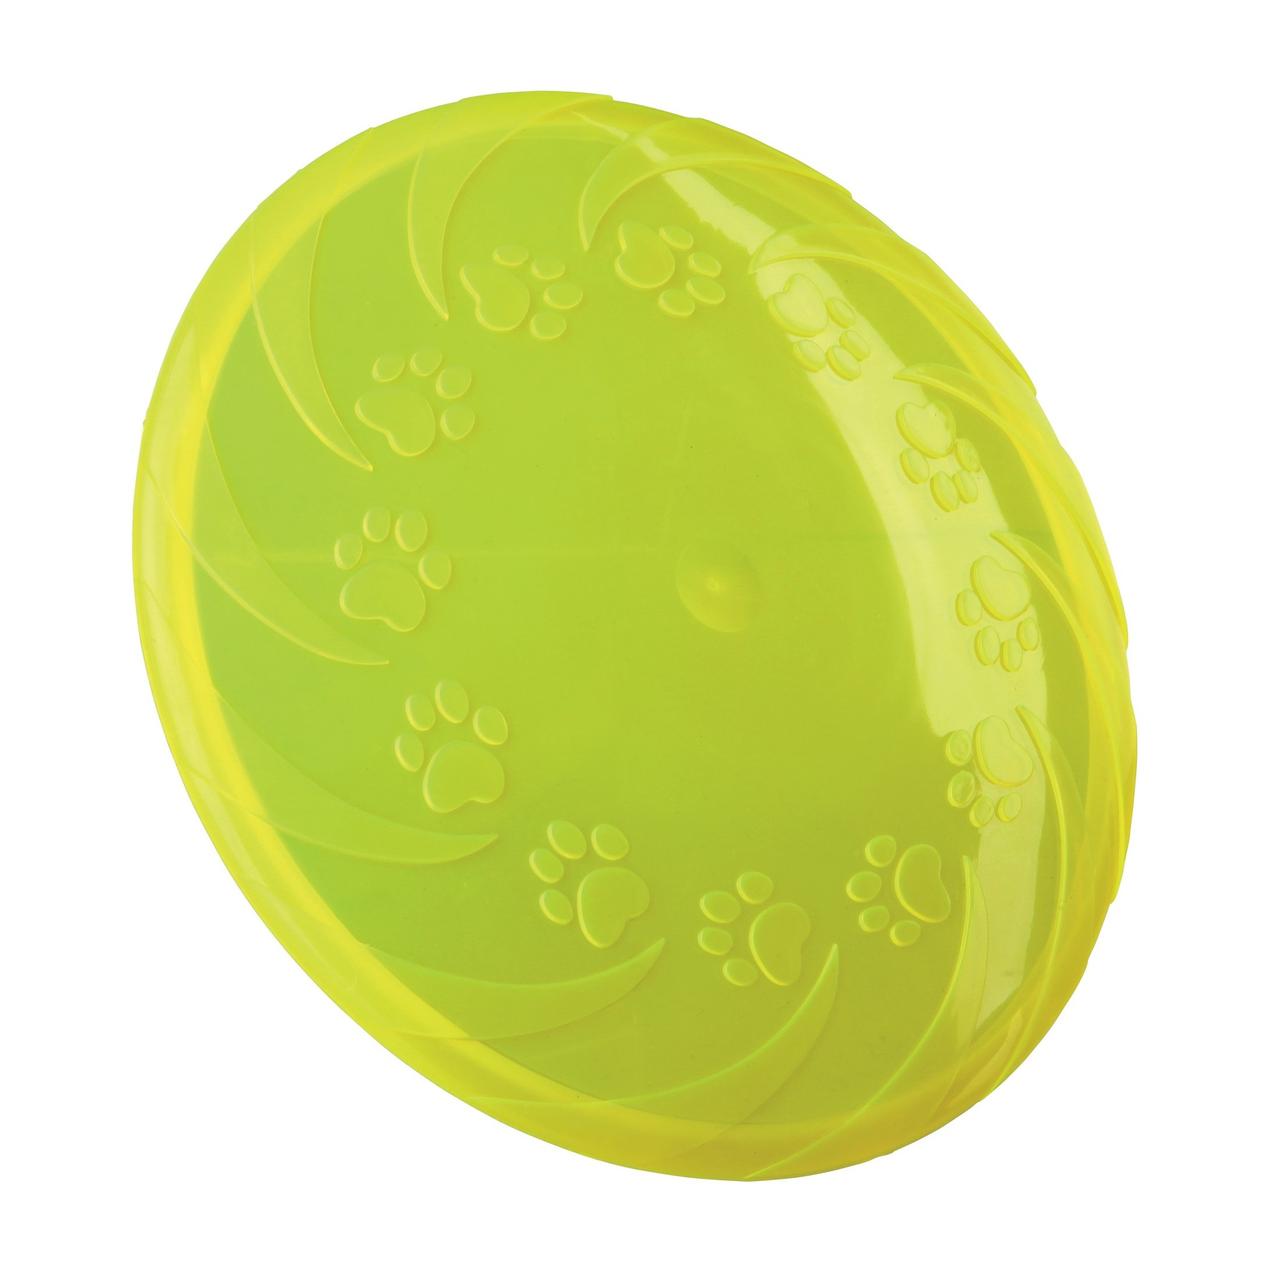 Іграшка для собак Trixie Літаюча тарілка d=18 см (термопластична резина, кольори в асортименті)